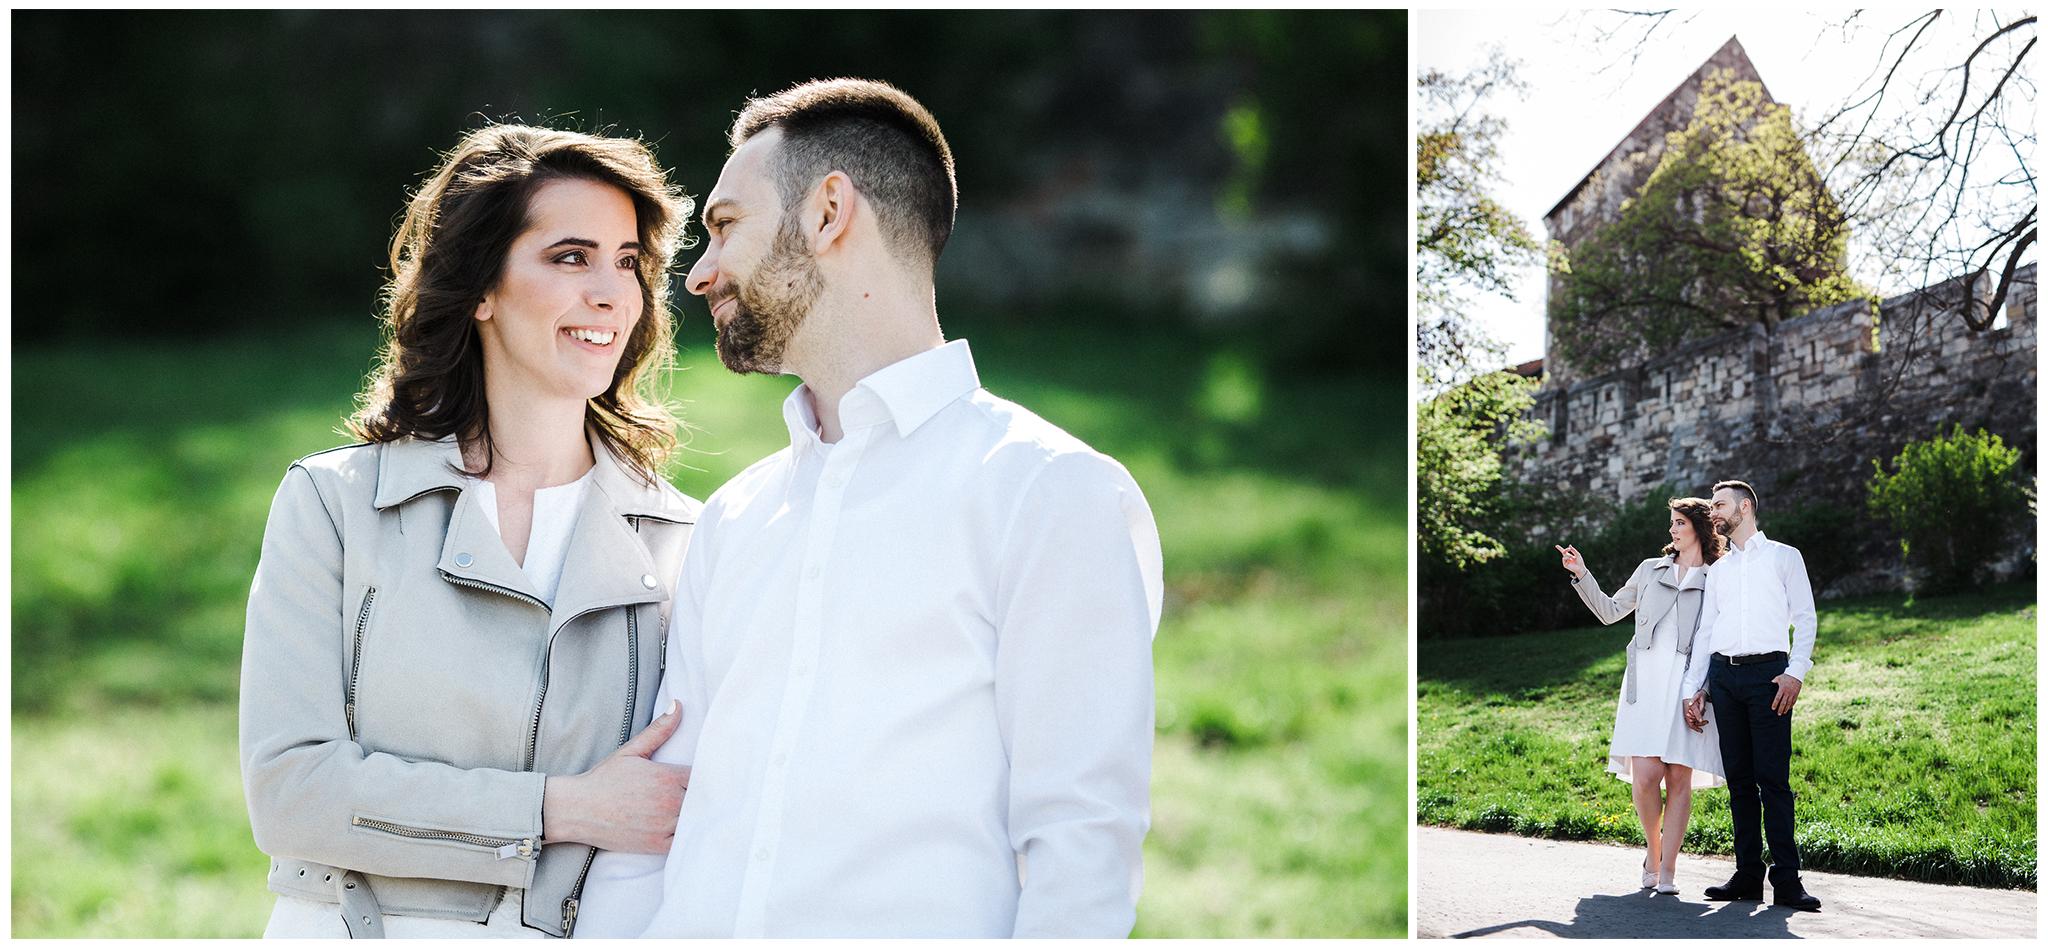 MONT_FylepPhoto, Esküvőfotós Vasmegye, Esküvő fotózás, Esküvői fotós, Körmend, Vas megye, Dunántúl, Budapest, Fülöp Péter, Jegyes fotózás, jegyesfotó_Ramona&Marci,2018_003.jpg